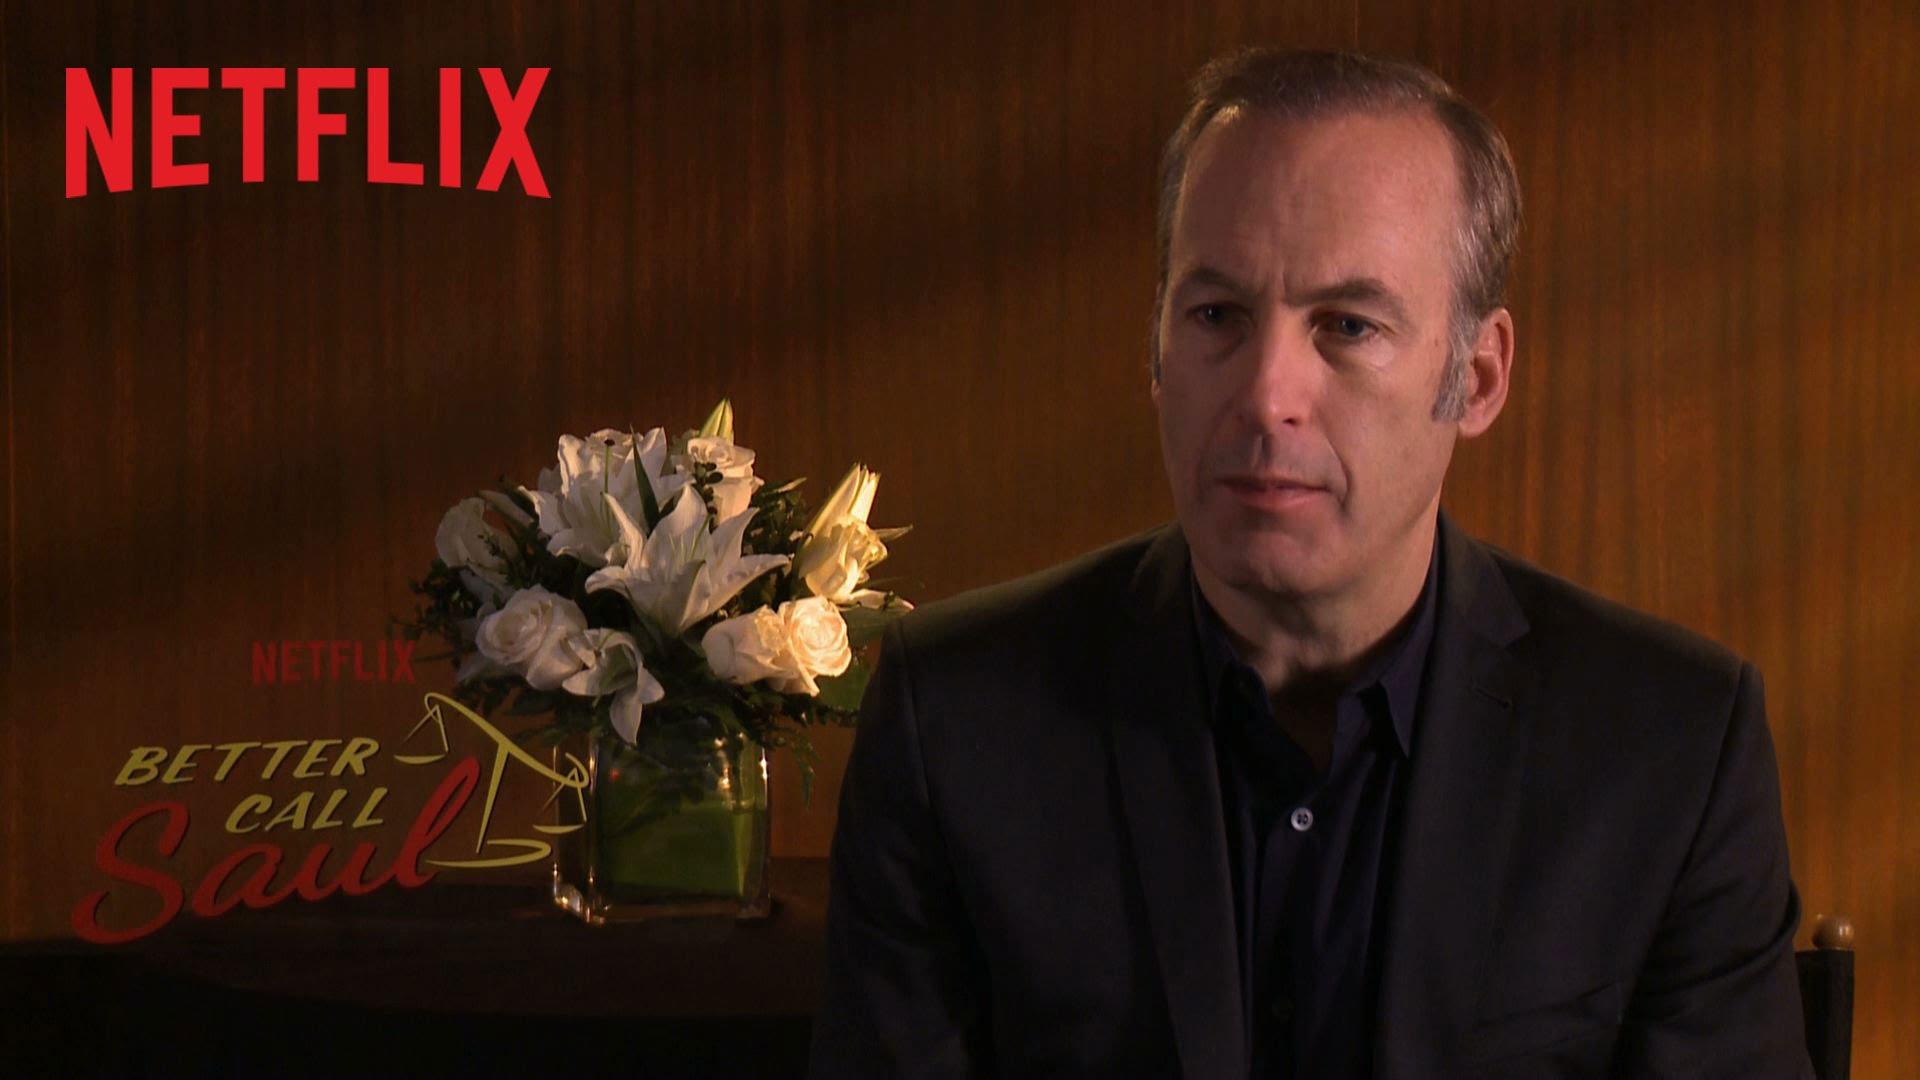 Better Call Saul – Featurette – Netflix [HD]